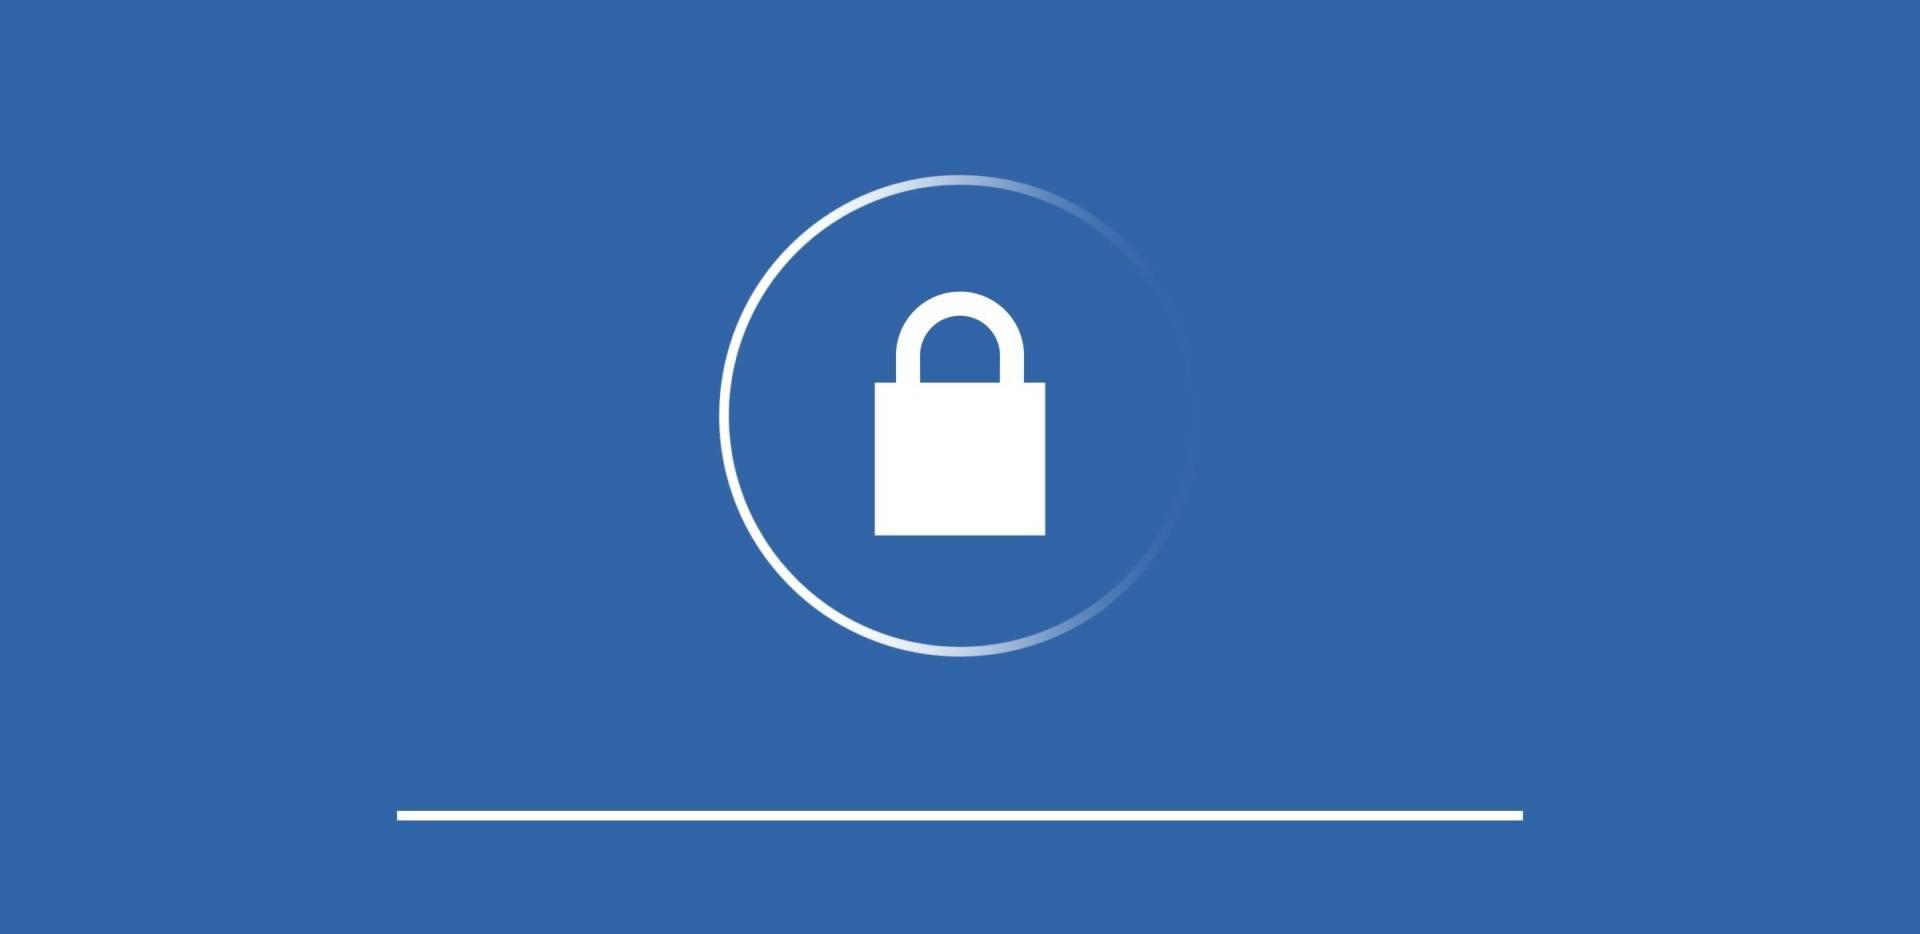 Sicurezza delle chat online, la tecnologia Microsoft individua i pedofili